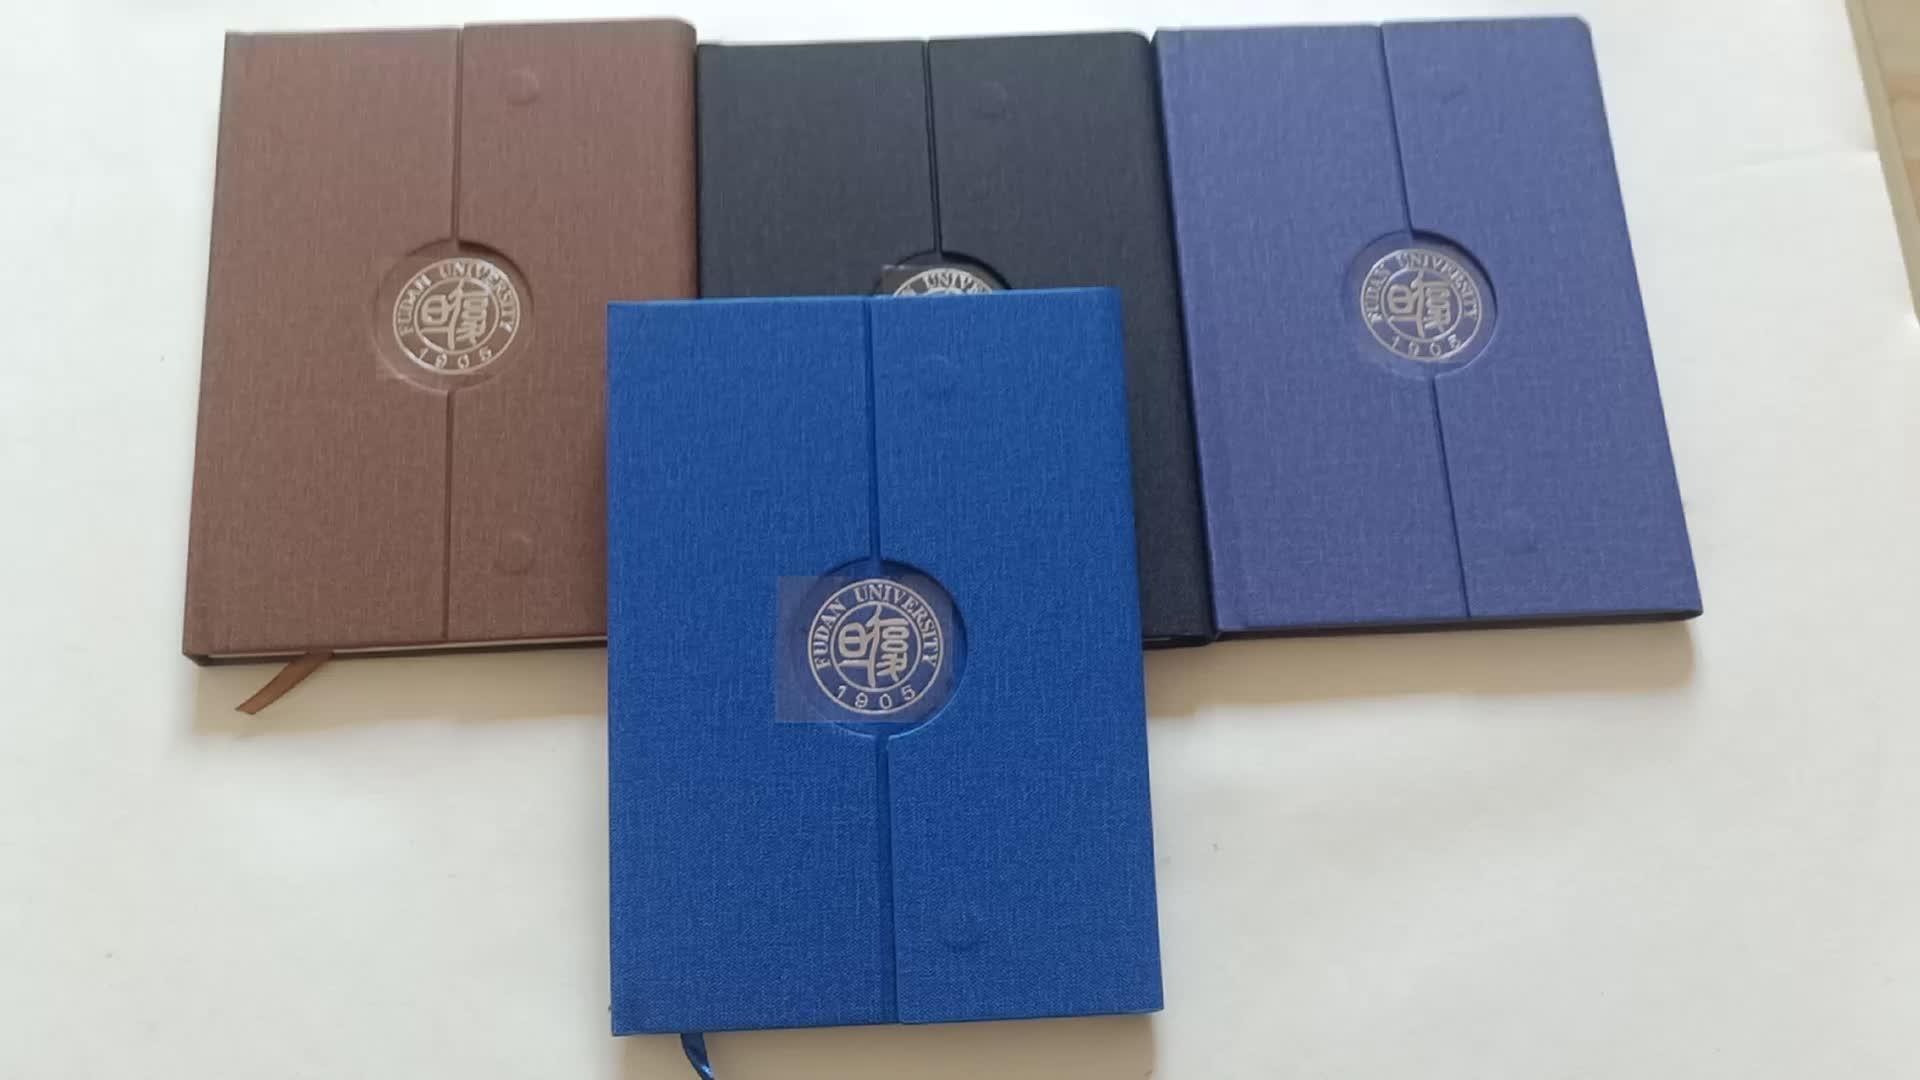 Magnetik PU Kulit Bisnis Notebook Diary Notepad dengan Logam Bermerek Logo & Magnetik Gesper untuk Pria dan Wanita Kantor Perjalanan